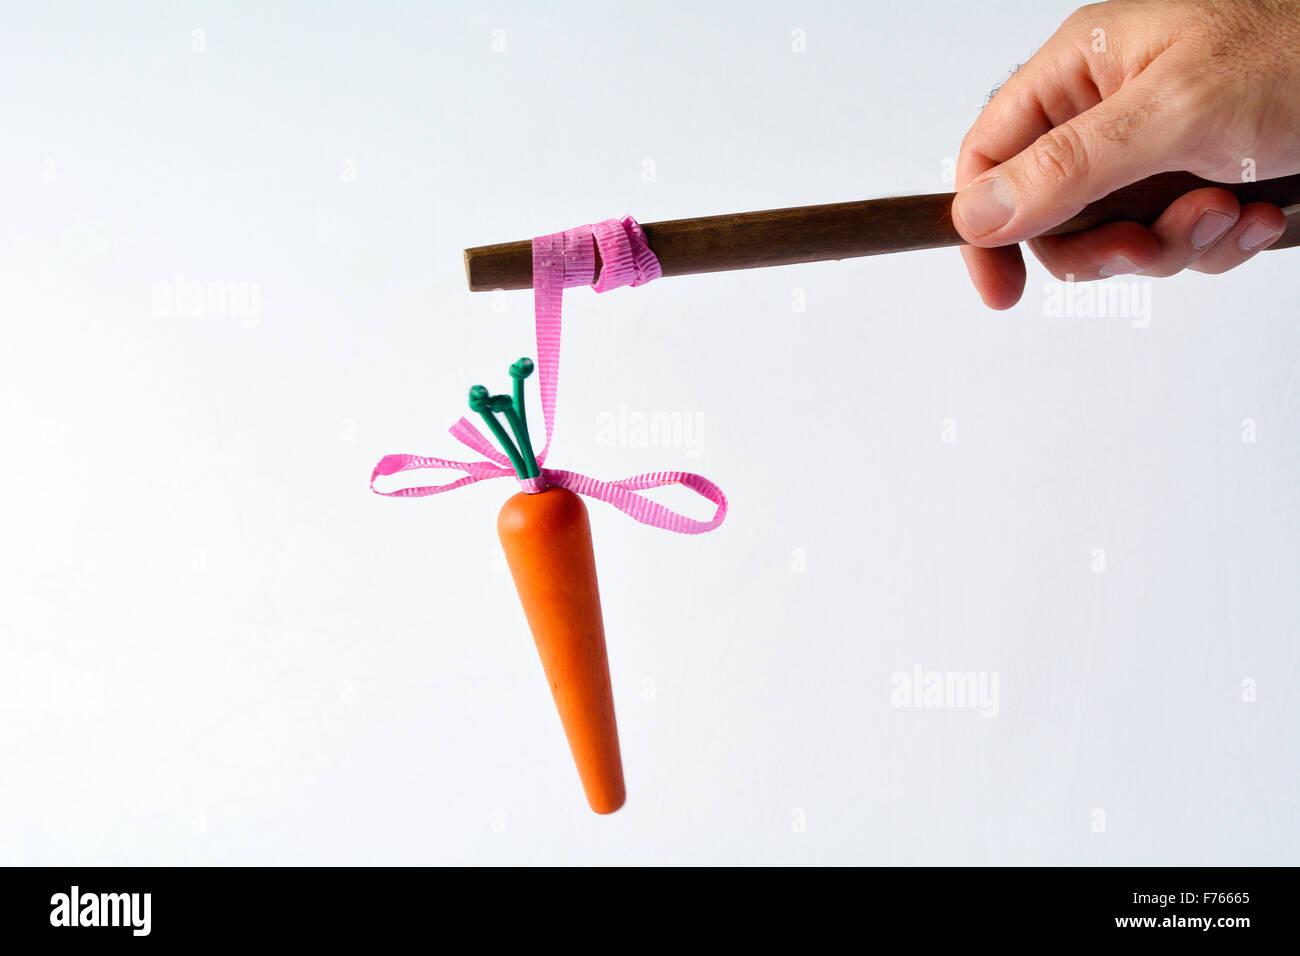 Man mano che offre una carota su un bastone. Il concetto di Business e idee. carota o bastone idiom - ricompense Immagini Stock